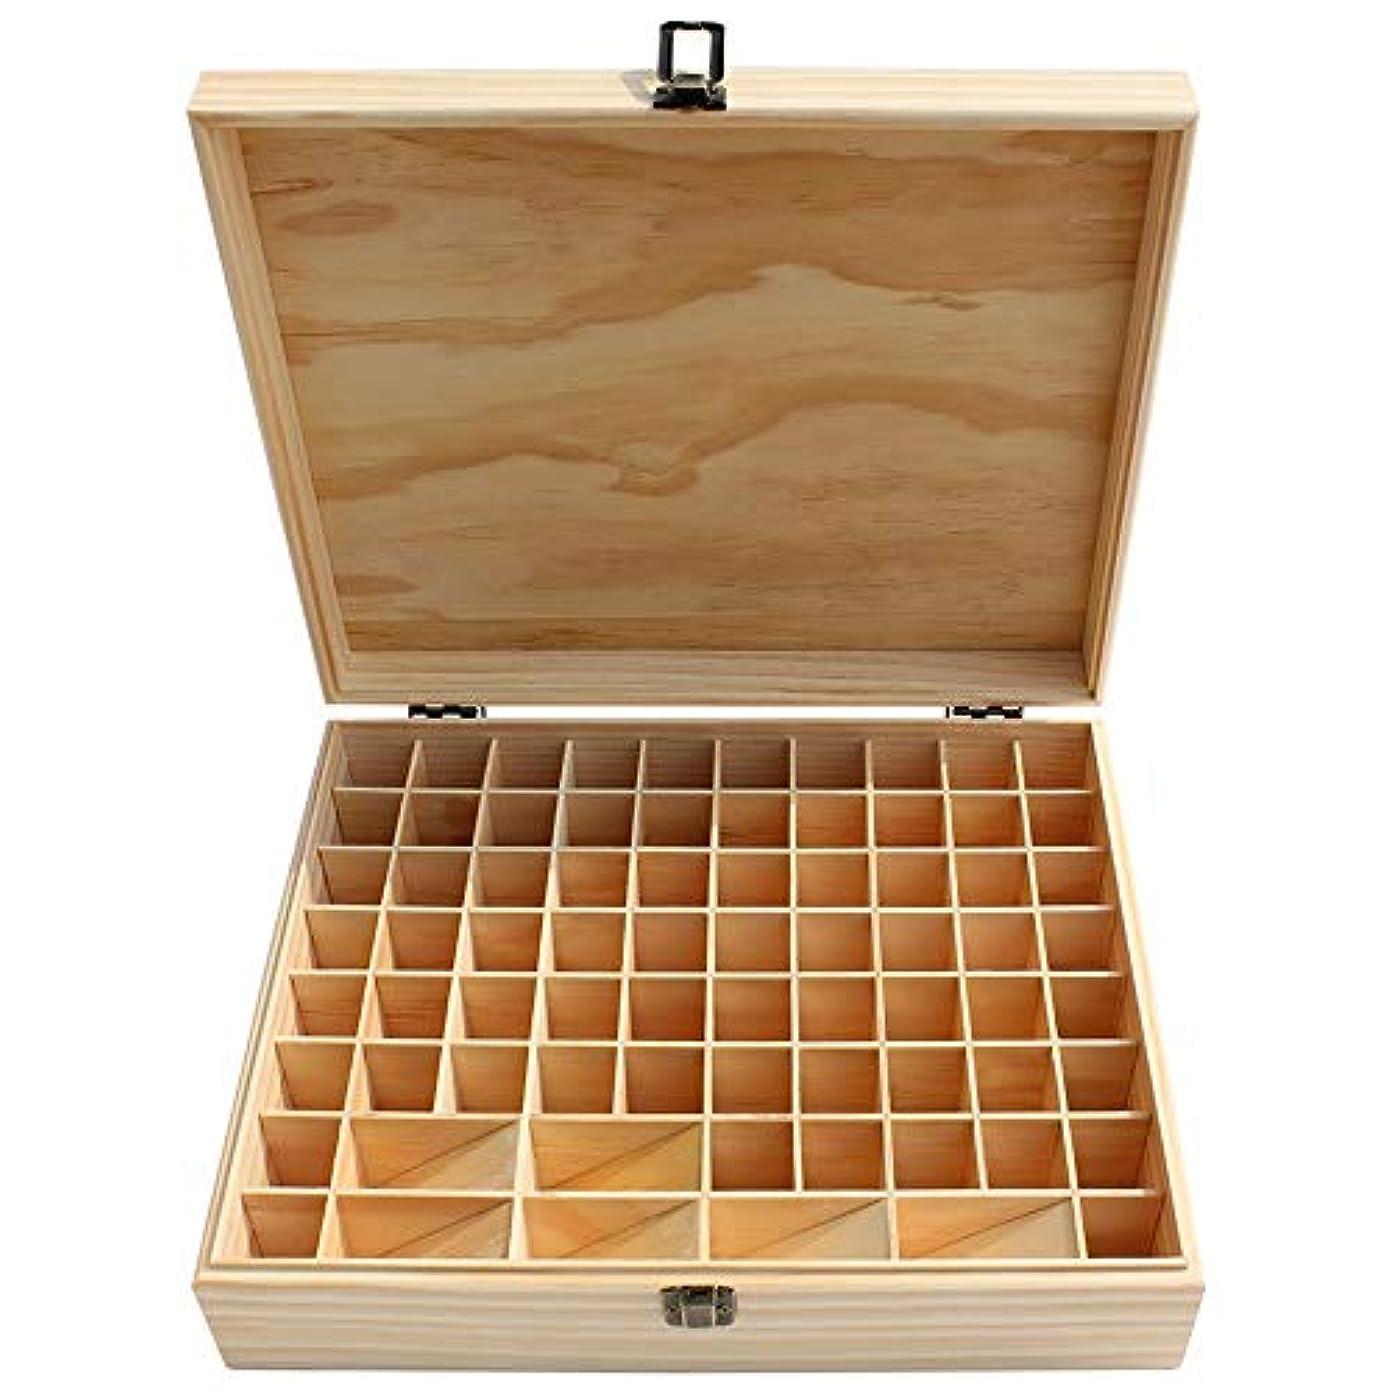 長さ畝間受付アロマセラピー収納ボックス 74大規模な石油、天然パイン材木製鮮明スロットは、あなたのすべてのコレクションに瞬時にアクセスを提供します エッセンシャルオイル収納ボックス (色 : Natural, サイズ : 34X27.5X9CM)